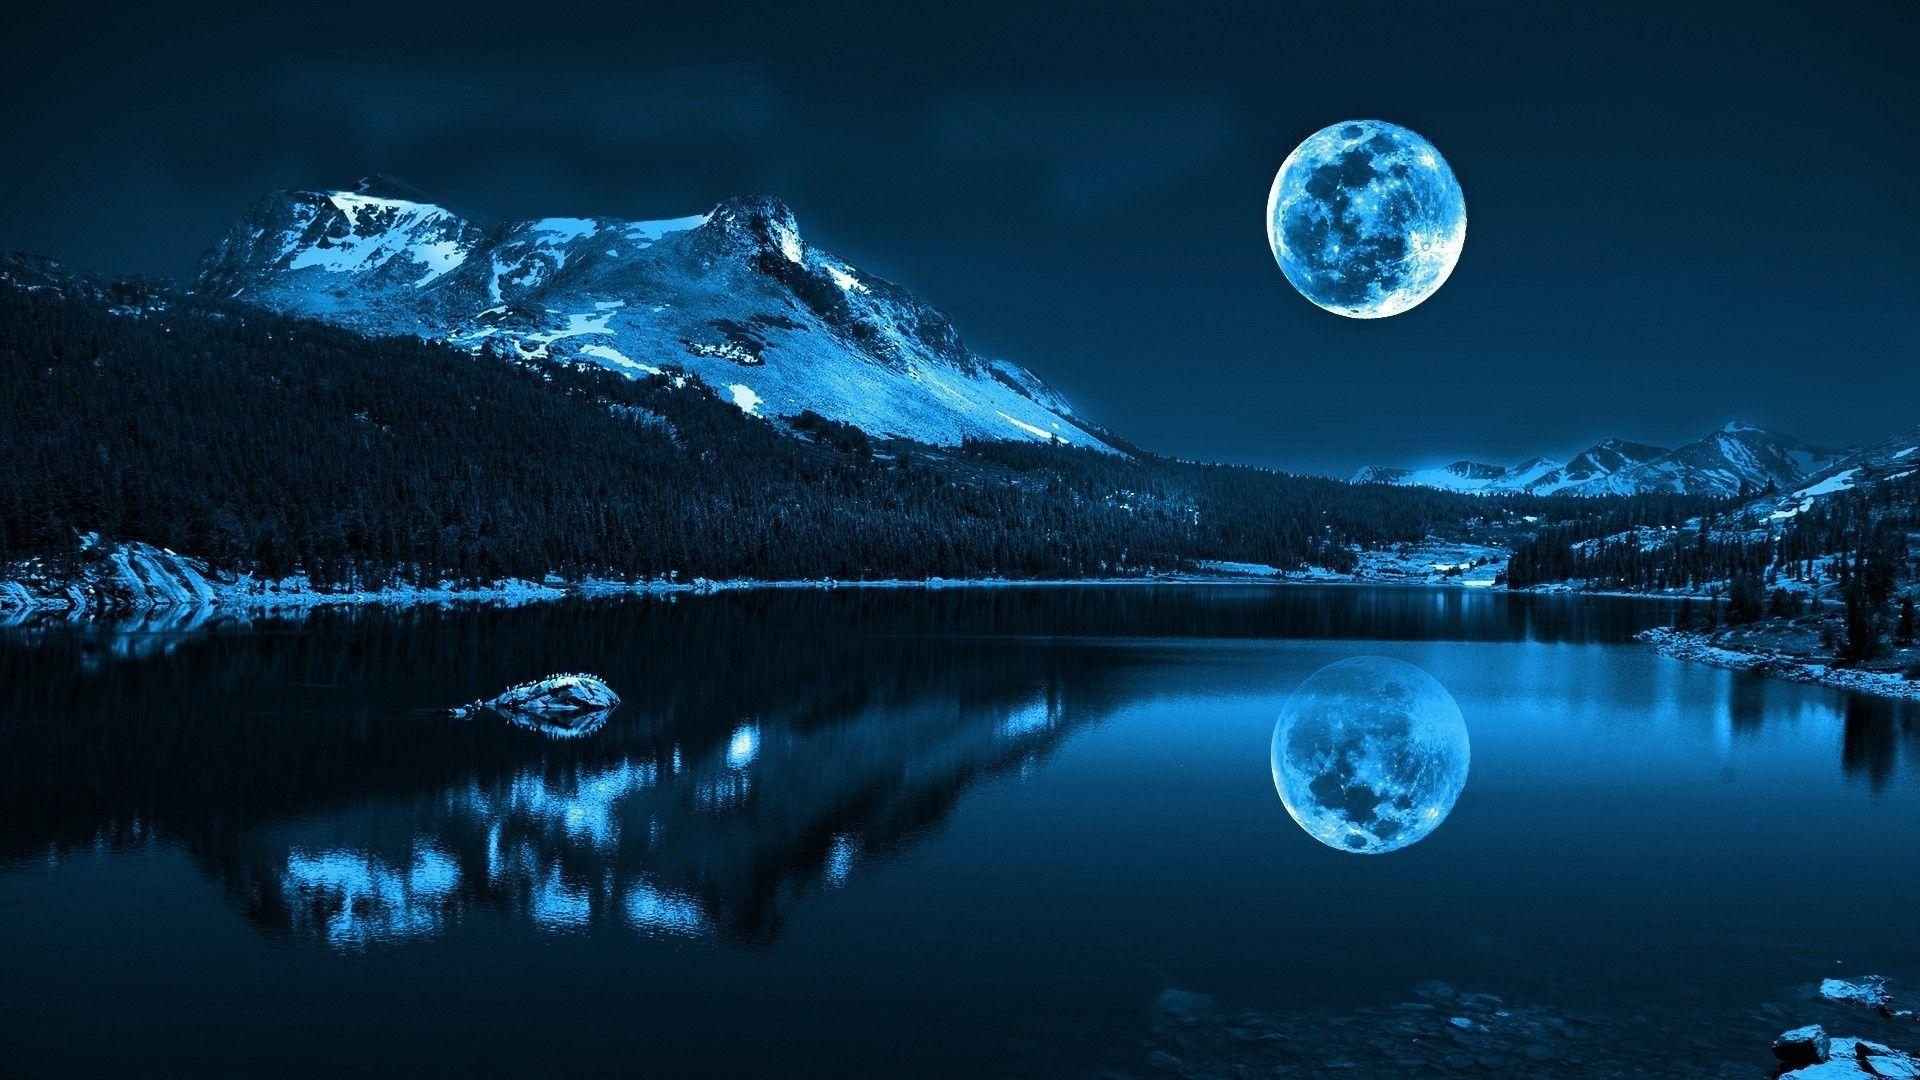 Fond ecran hd nuit sur lac lune froid paysage montagne for Fond ecran hd zen